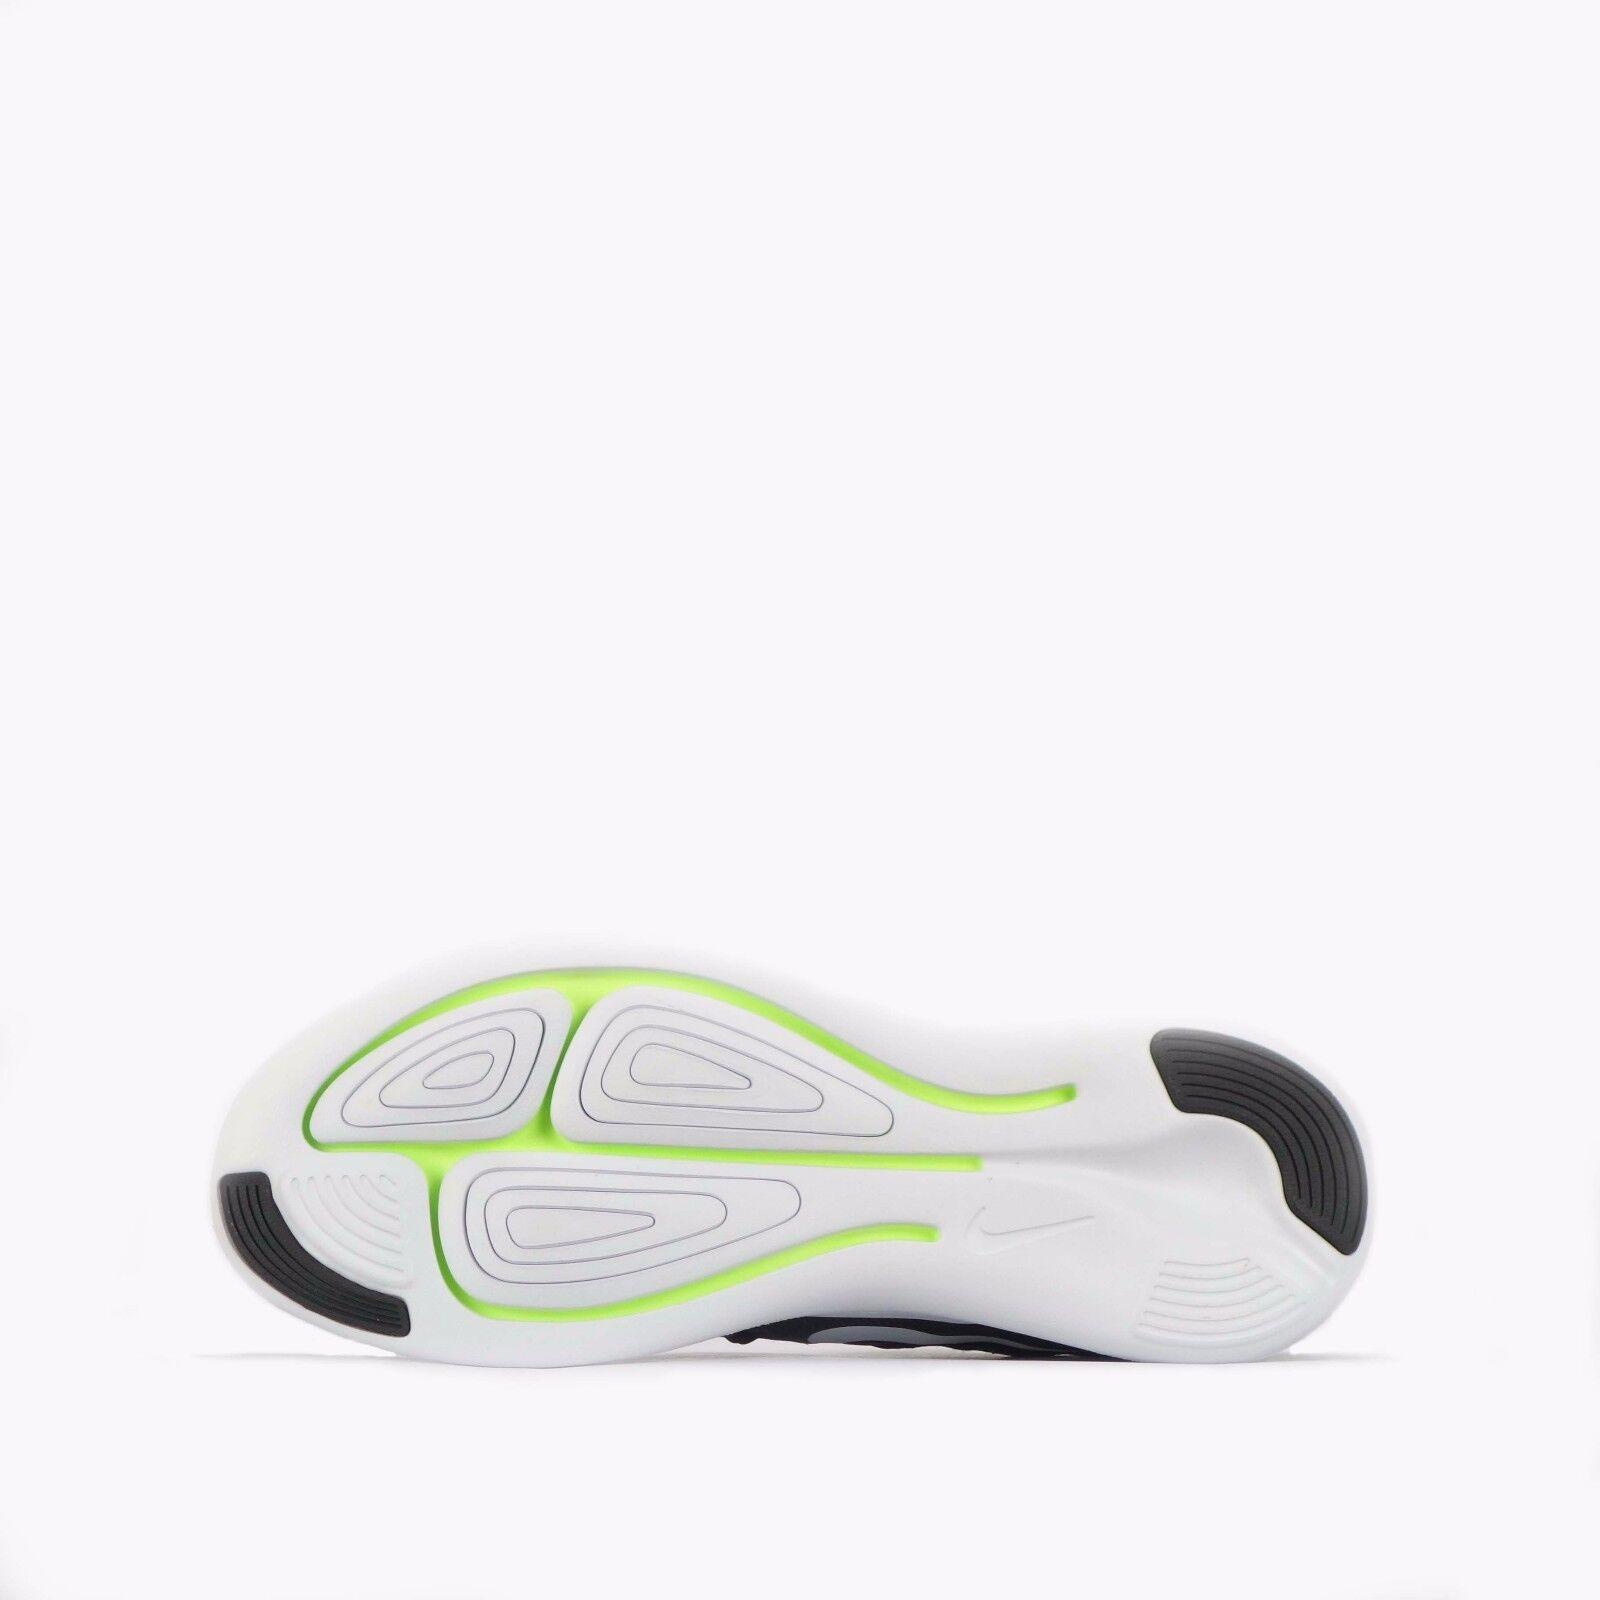 Nike lunarstelos Hombre Zapatillas Para Correr MEDIA NOCHE Niebla/Blanco-Negro Niebla/Blanco-Negro Niebla/Blanco-Negro 1447db